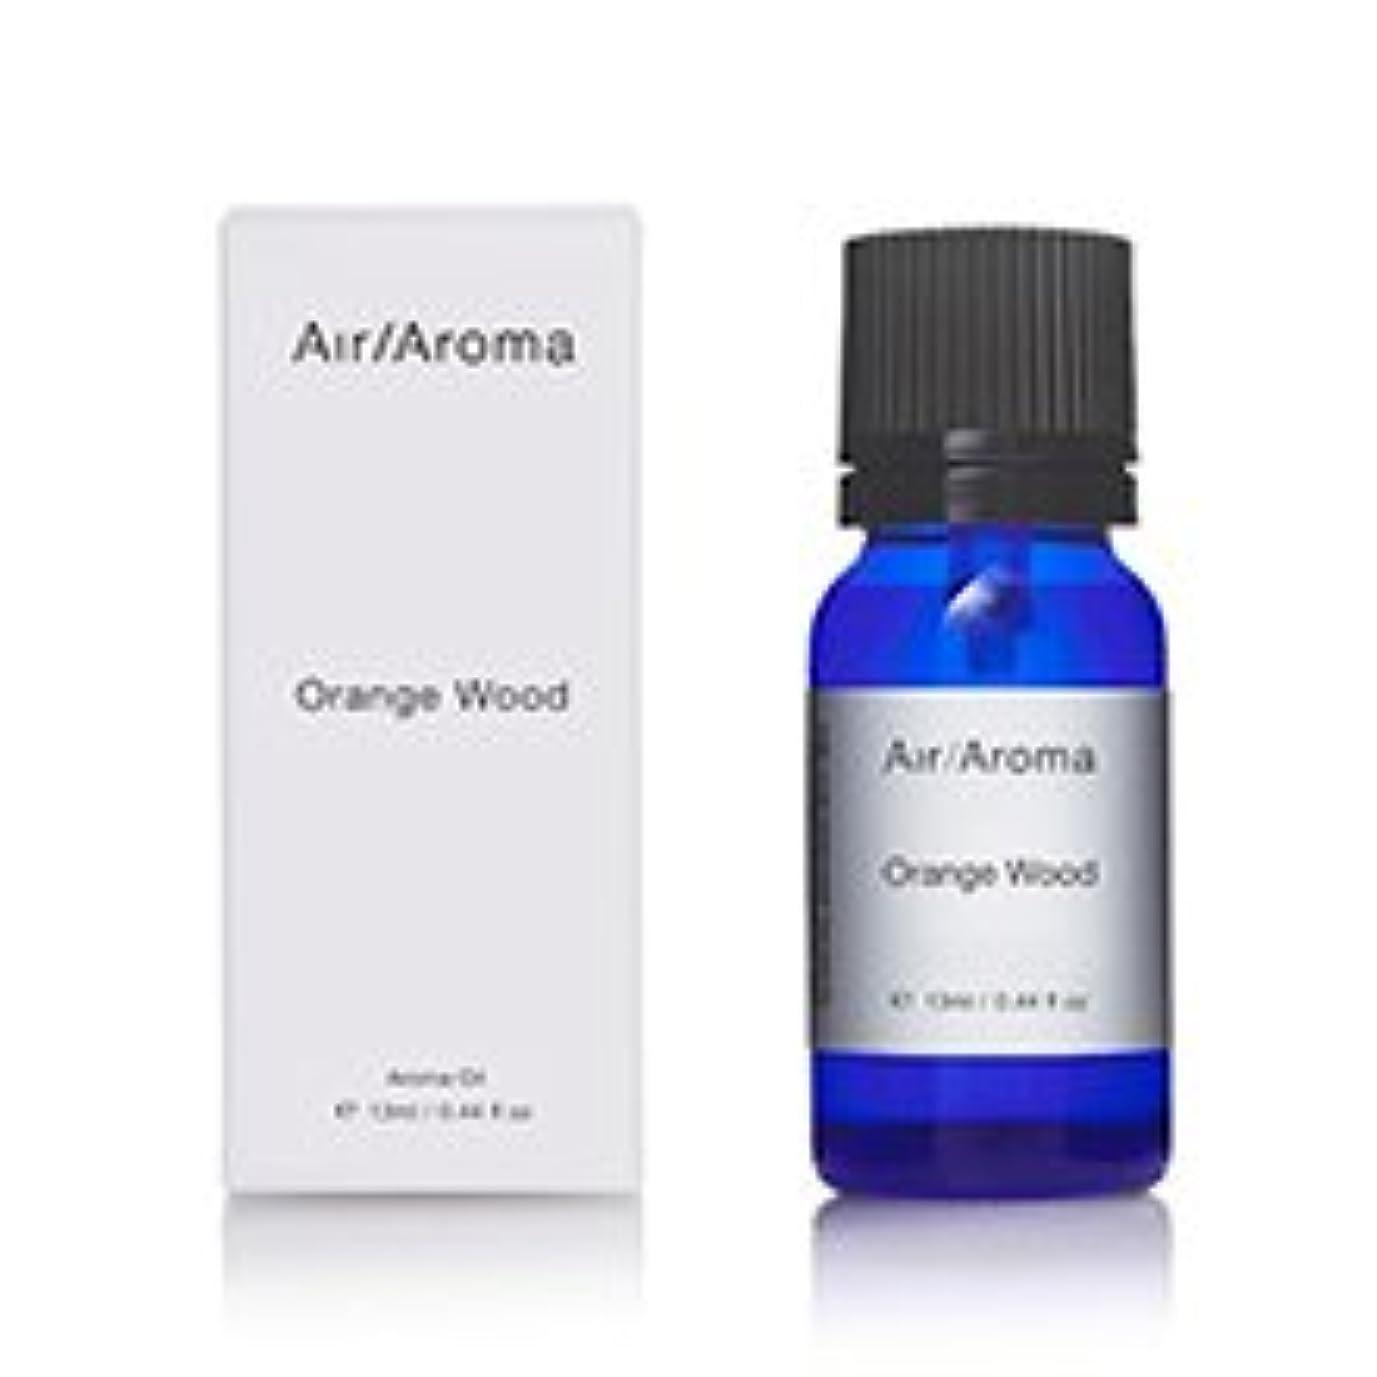 トライアスリート訪問添加剤エアアロマ orange wood(オレンジウッド)13ml